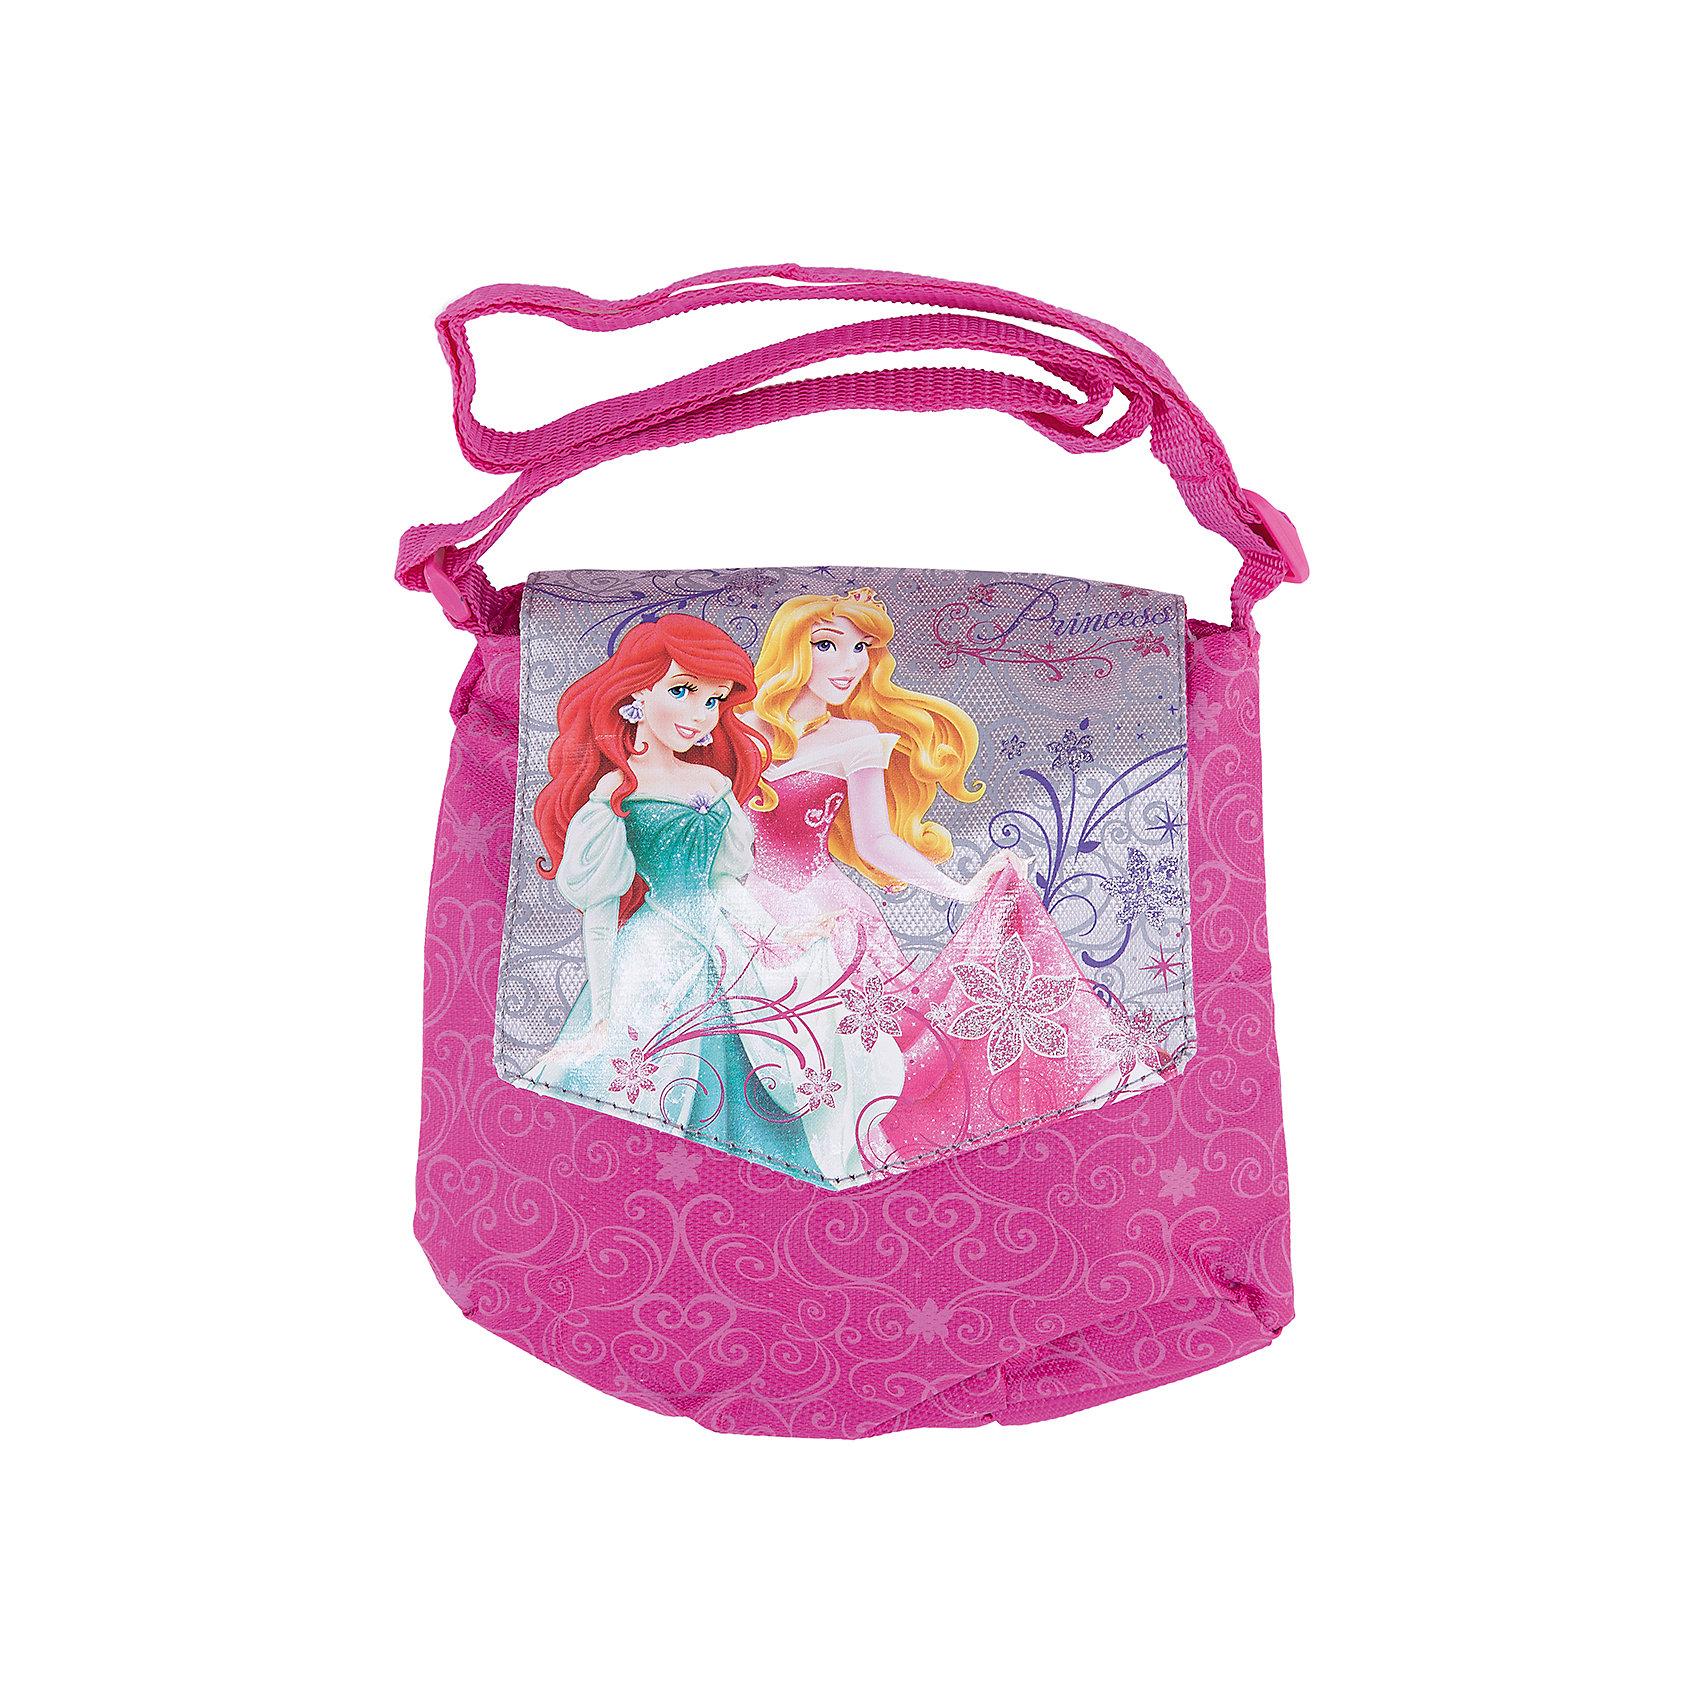 Сумочка, Принцессы ДиснейДетские сумки<br>Идеальный подарок для юной модницы: стильная и удобная сумочка Disney Princess (Принцессы Диснея). Яркая сумка с уникальной расцветкой из прочного текстиля застегивается на надежную молнию. В сумочке удобное основное отделение. Застегивается на клапан с изображением Disney Princess (Принцессы Диснея). Сумка из текстиля почти невесомая, но вместительная, благодаря удобному наплечному ремню с регулировкой длины подойдет для девочек любого роста.<br><br>Дополнительная информация:<br><br>- Яркий дизайн идеален для девочек;<br>- Легкая и компактная;<br>- Регулируемый по длине плечевой ремень позволяет носить сумку как на плече, так и через плечо;<br>- Сумка надежно закрывается на молнию;<br>- Закрывается на клапан Disney Princess (Принцессы Диснея) ;<br>- Размер: 18 х 21 см;<br>- Материал: полиэстер;<br>- Вес: 55 г.<br><br>Сумочку, Disney Princess (Принцессы Диснея) можно купить в нашем интернет-магазине.<br><br>Ширина мм: 350<br>Глубина мм: 350<br>Высота мм: 200<br>Вес г: 500<br>Возраст от месяцев: 48<br>Возраст до месяцев: 84<br>Пол: Женский<br>Возраст: Детский<br>SKU: 3563333